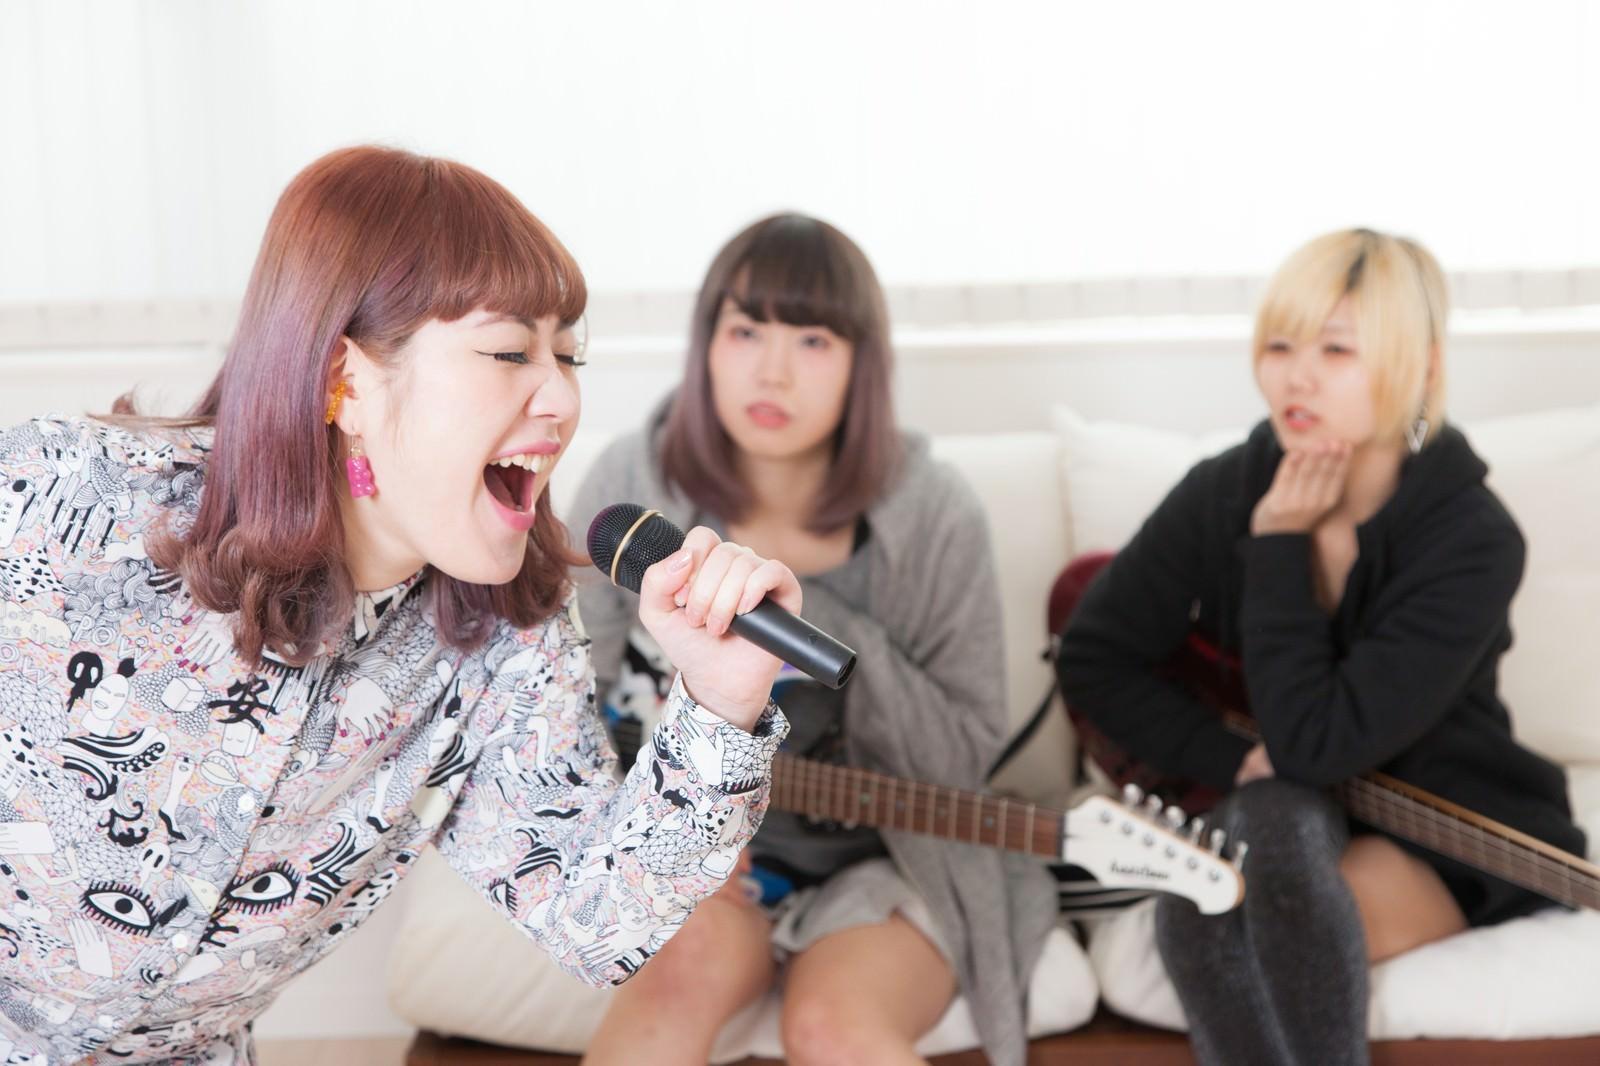 「カラオケで熱唱するバンドのボーカル」の写真[モデル:IRISMONDE]